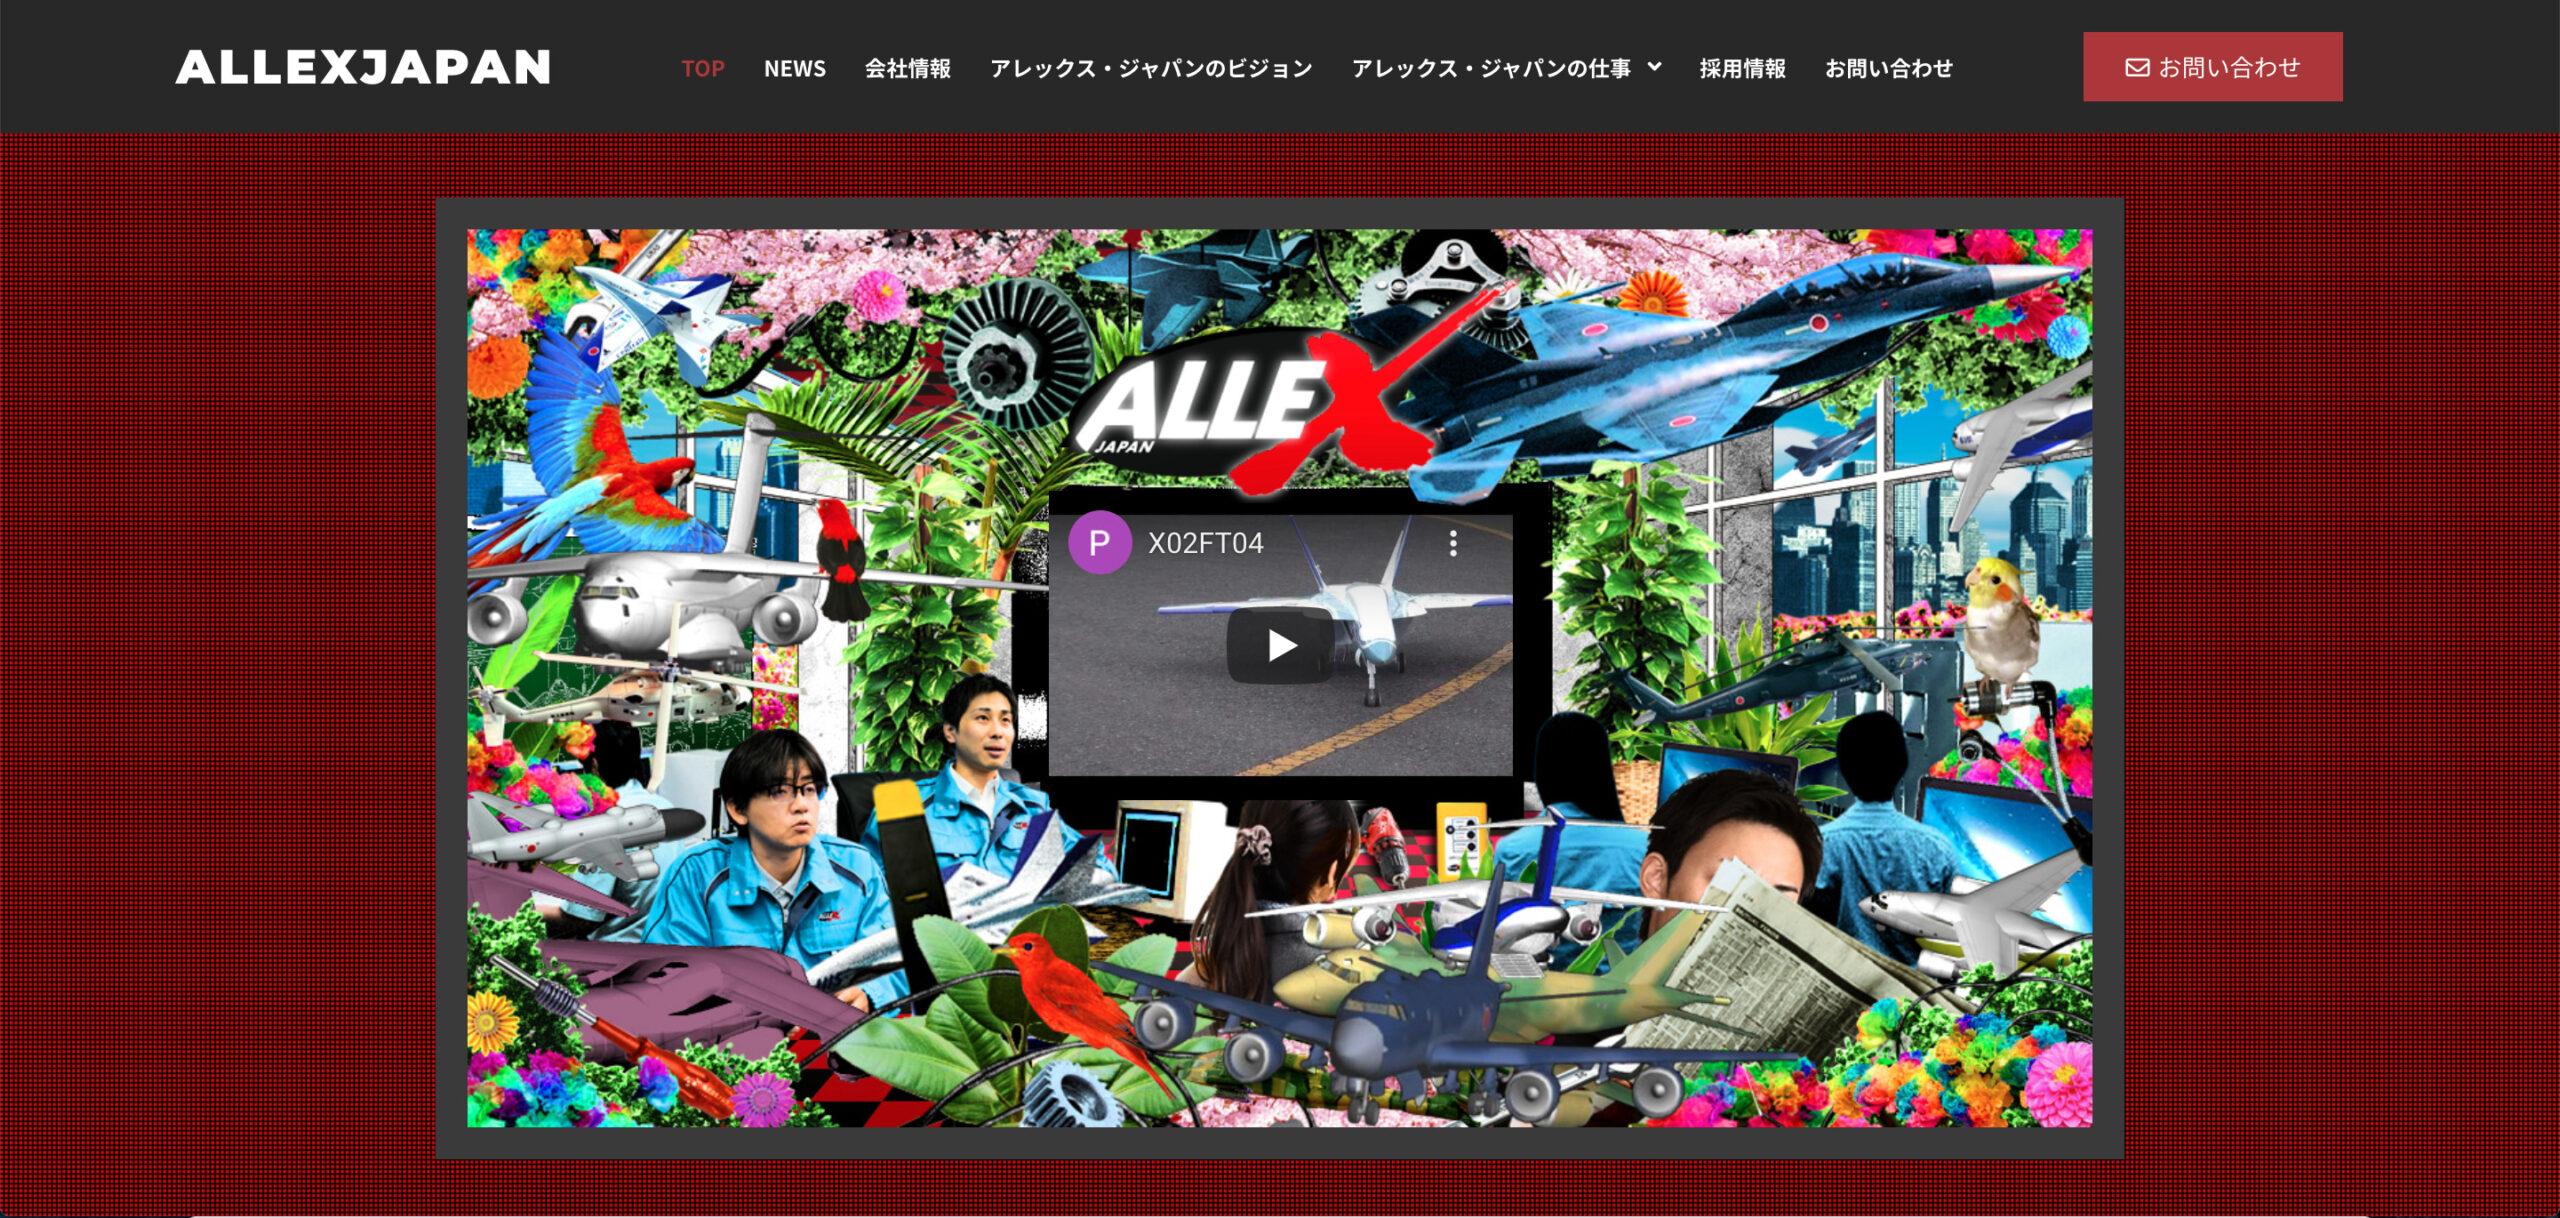 株式会社アレックス・ジャパン リクルートサイト